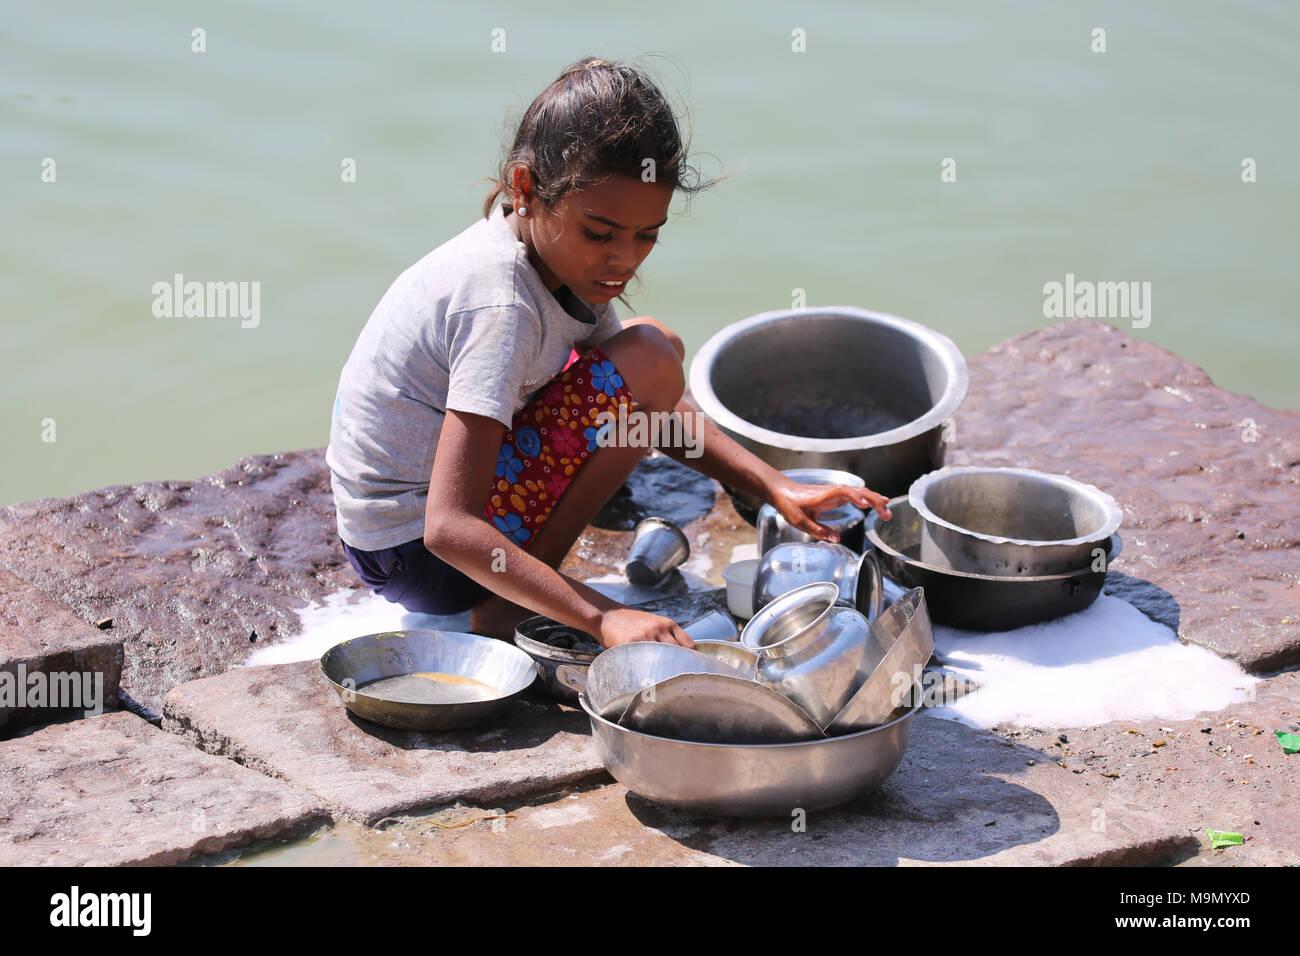 Indian girl washing dishes at the river -  indisches Mädchen beim Gechirr waschen am Fluss Stock Photo